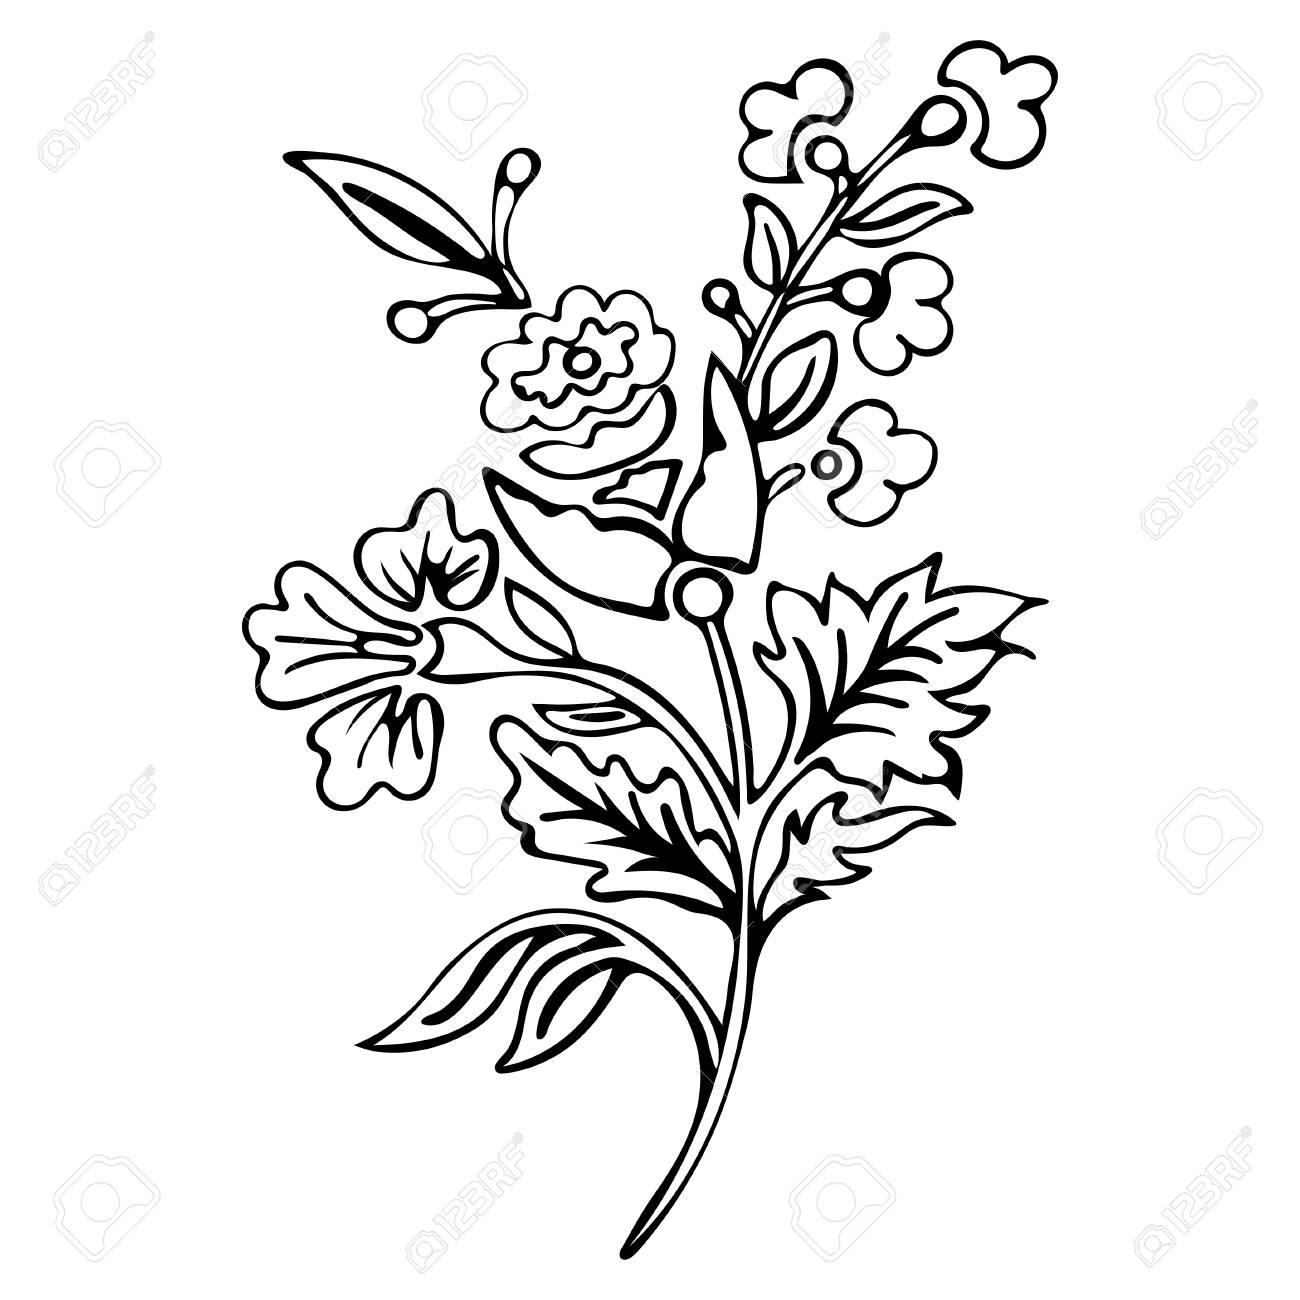 Flor Abstracta Flor De Fantasía Cuadros Para Colorear Bosquejo Monocromático Plantas De Doodle Ilustración Vectorial Blanco Y Negro